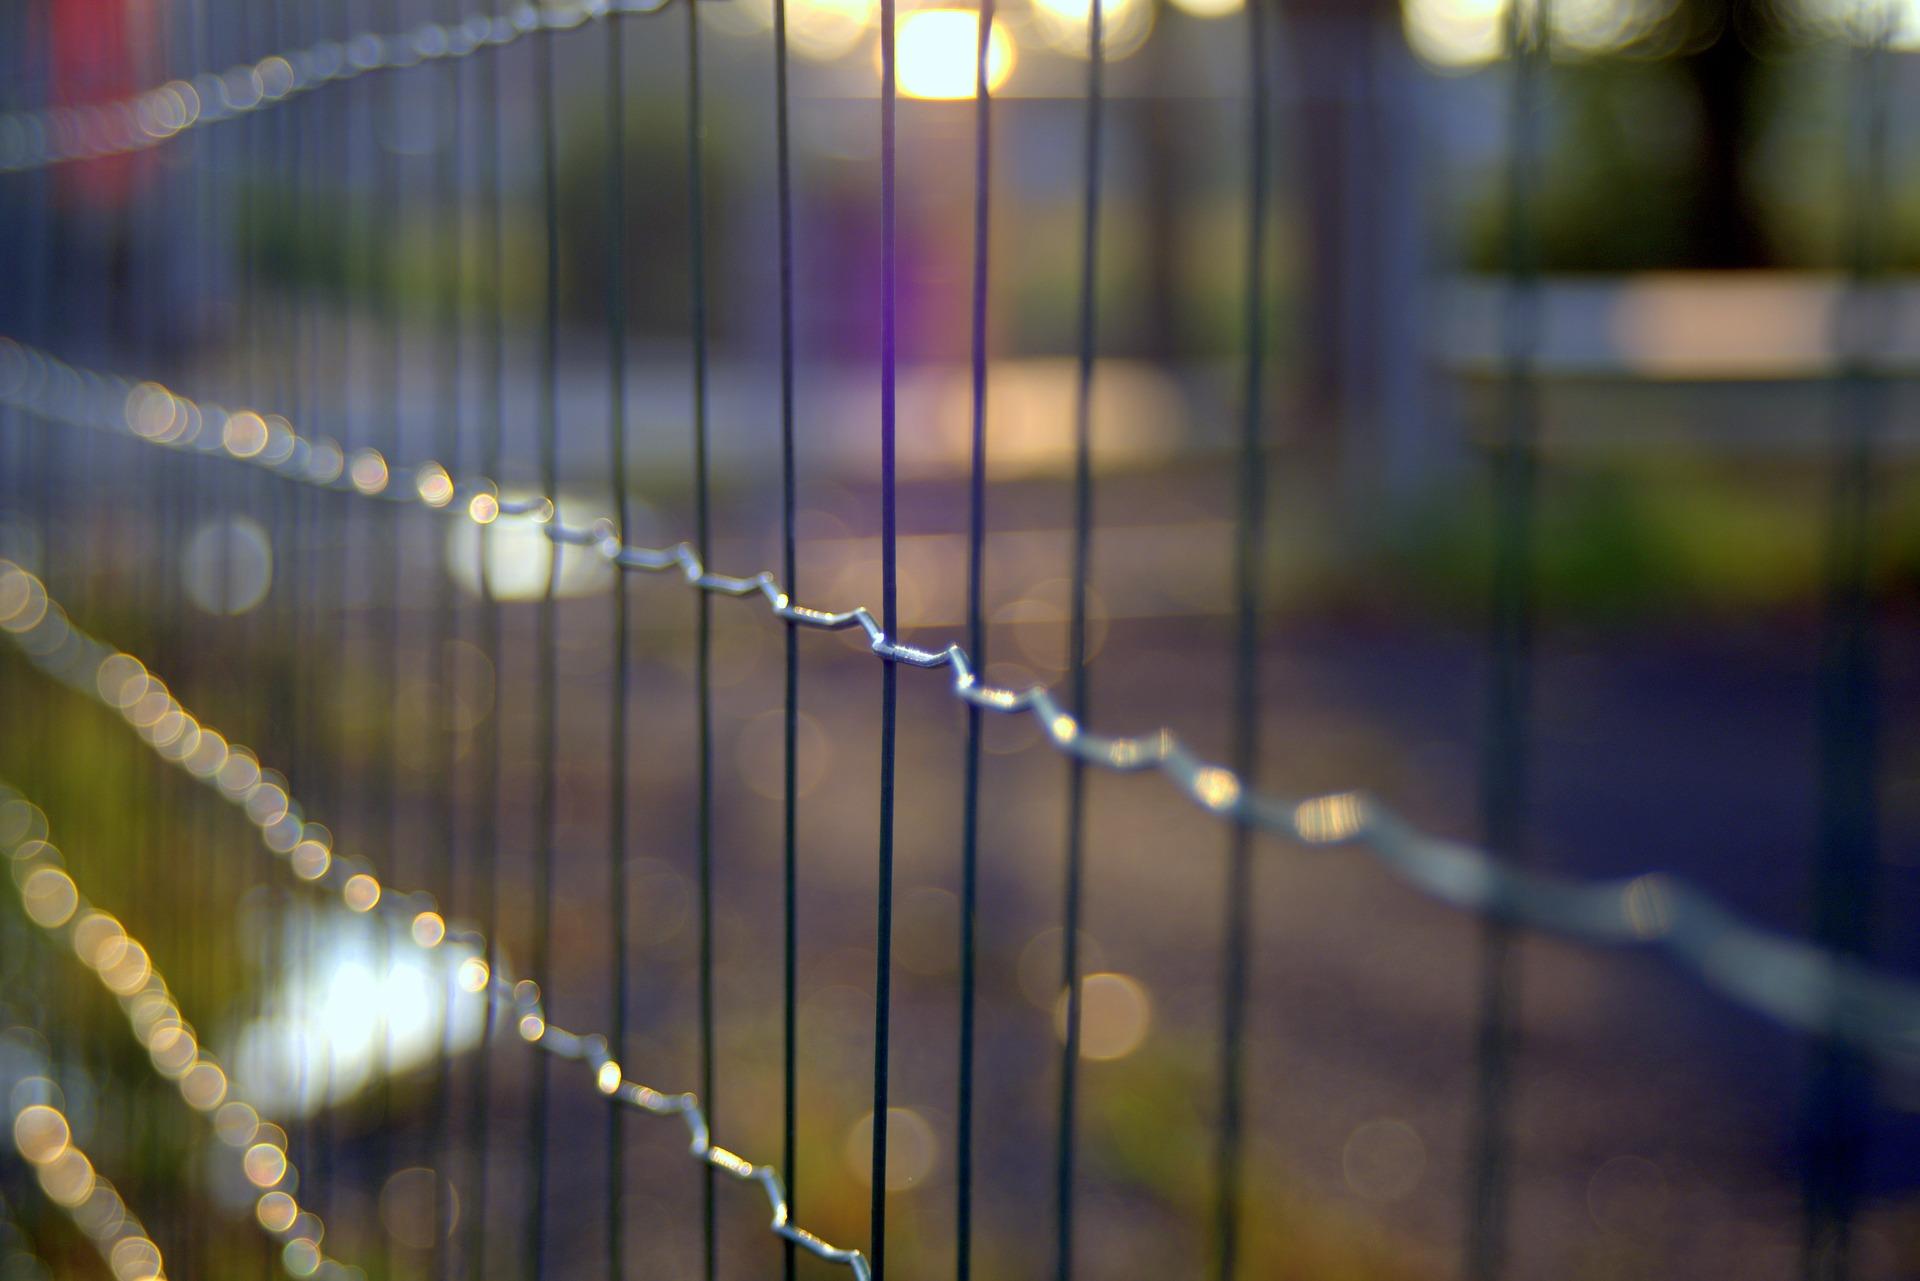 Se Cacher Des Voisins Dans Son Jardin 3 manières de protéger son jardin du regard des voisins